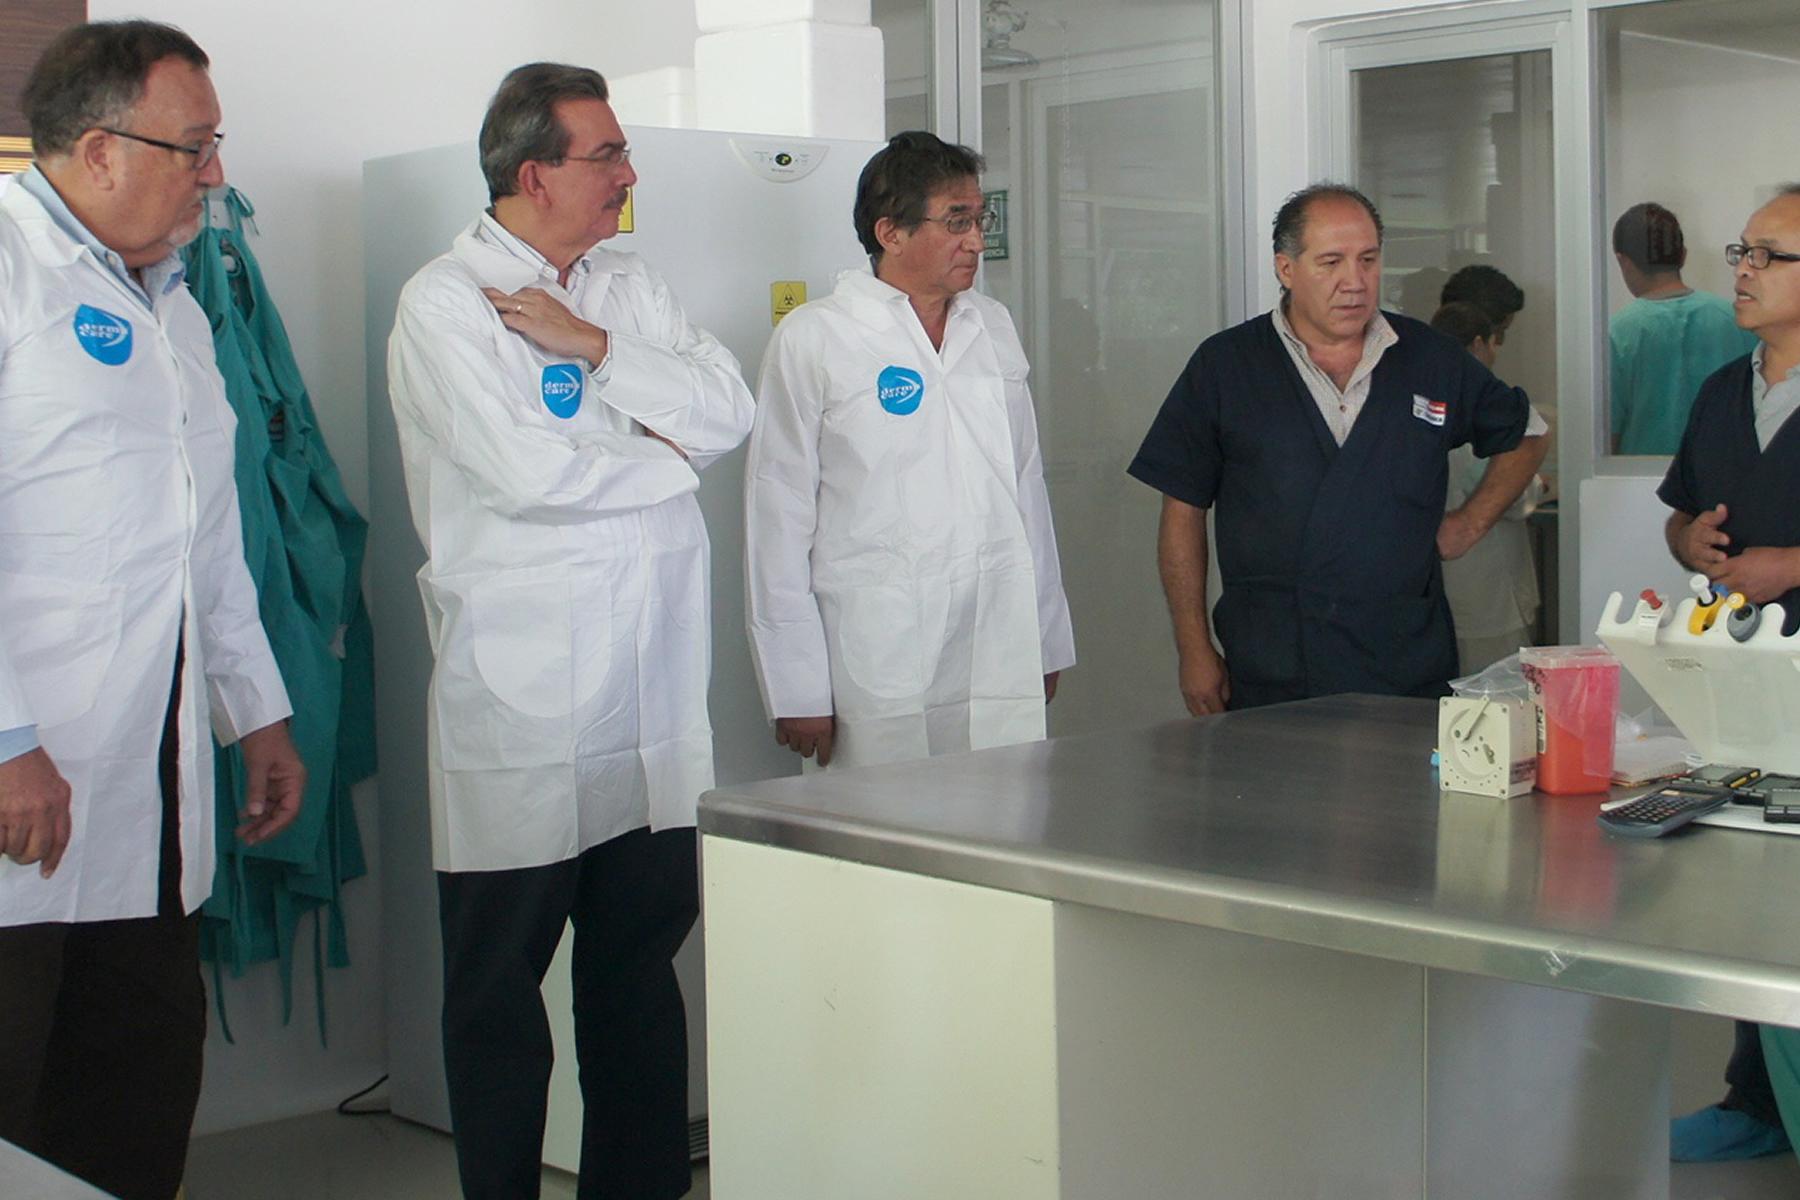 El titular de la SAGARPA instruyó fortalecer la colaboración de México con los países de la región, a fin de facilitar el comercio de productos agroalimentarios y proteger al país de la entrada de plagas y enfermedades exóticas.